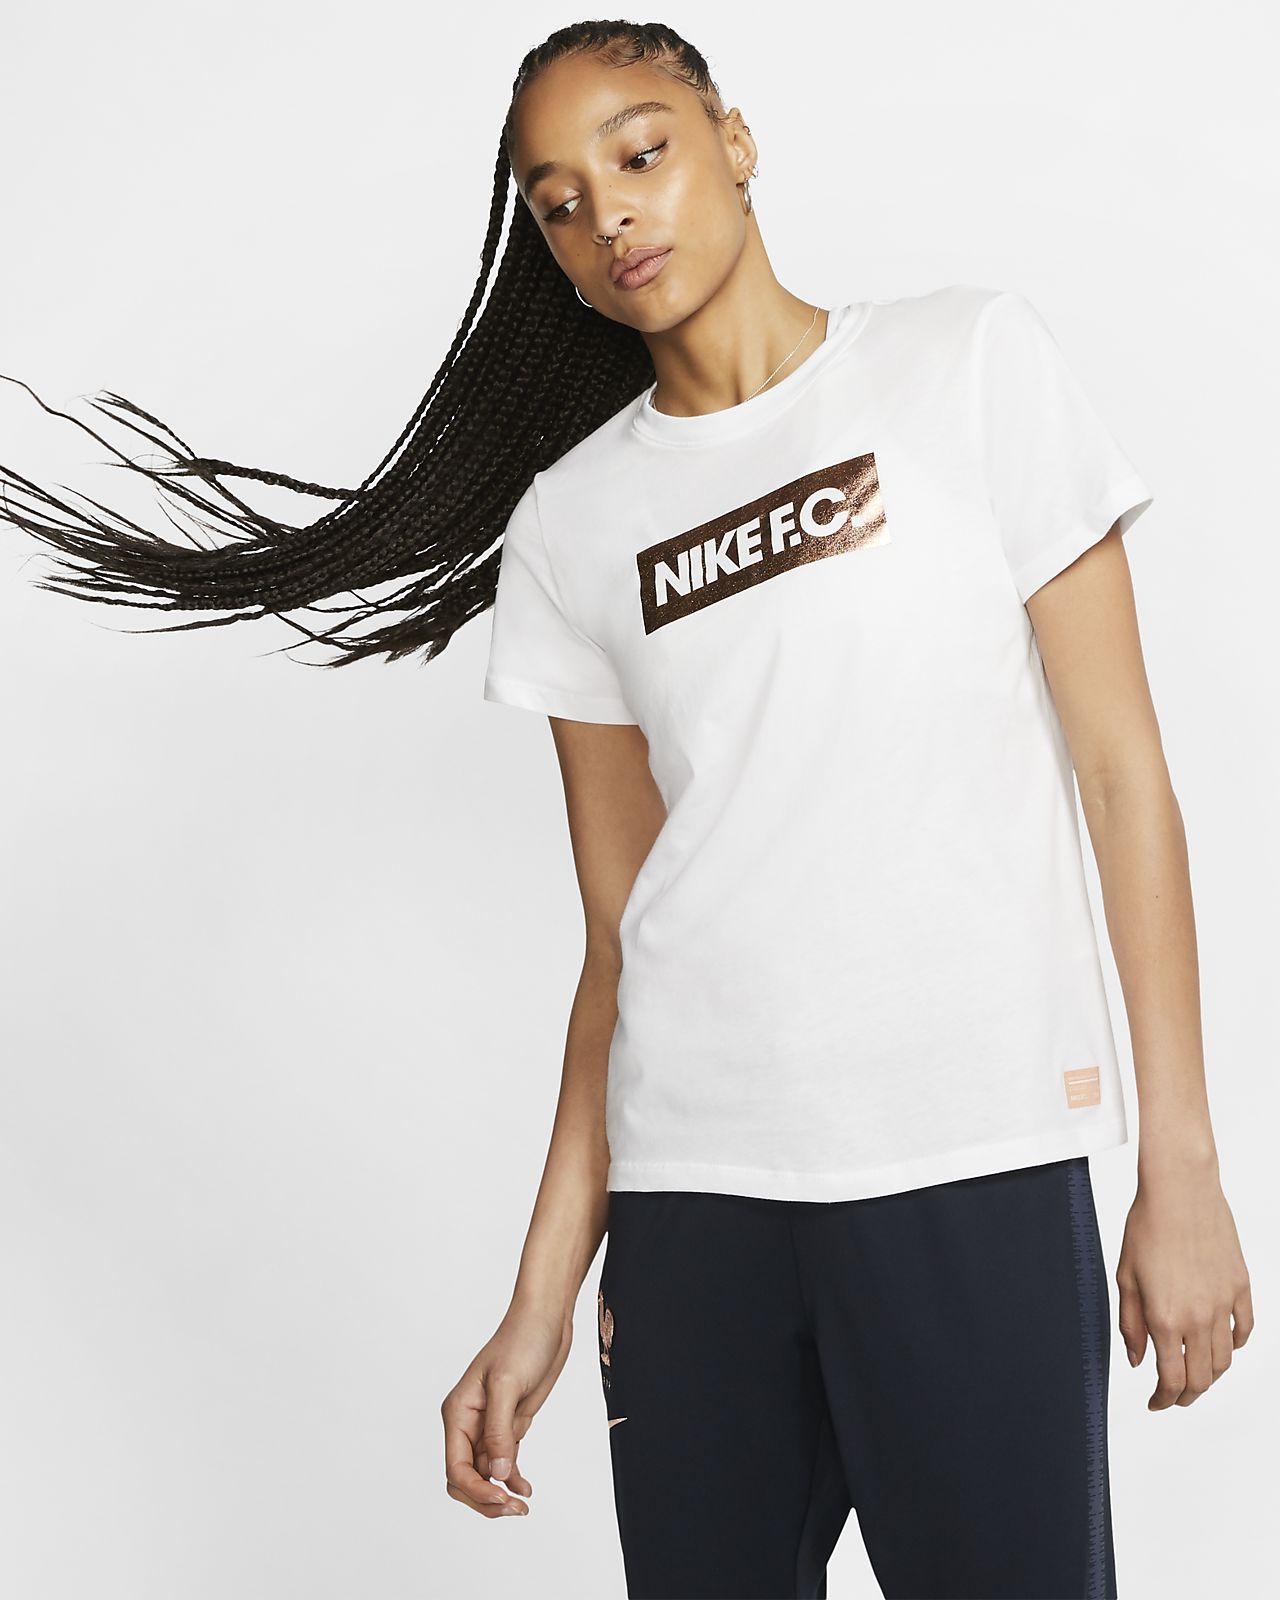 Nike F.C. Fußball-T-Shirt für Damen